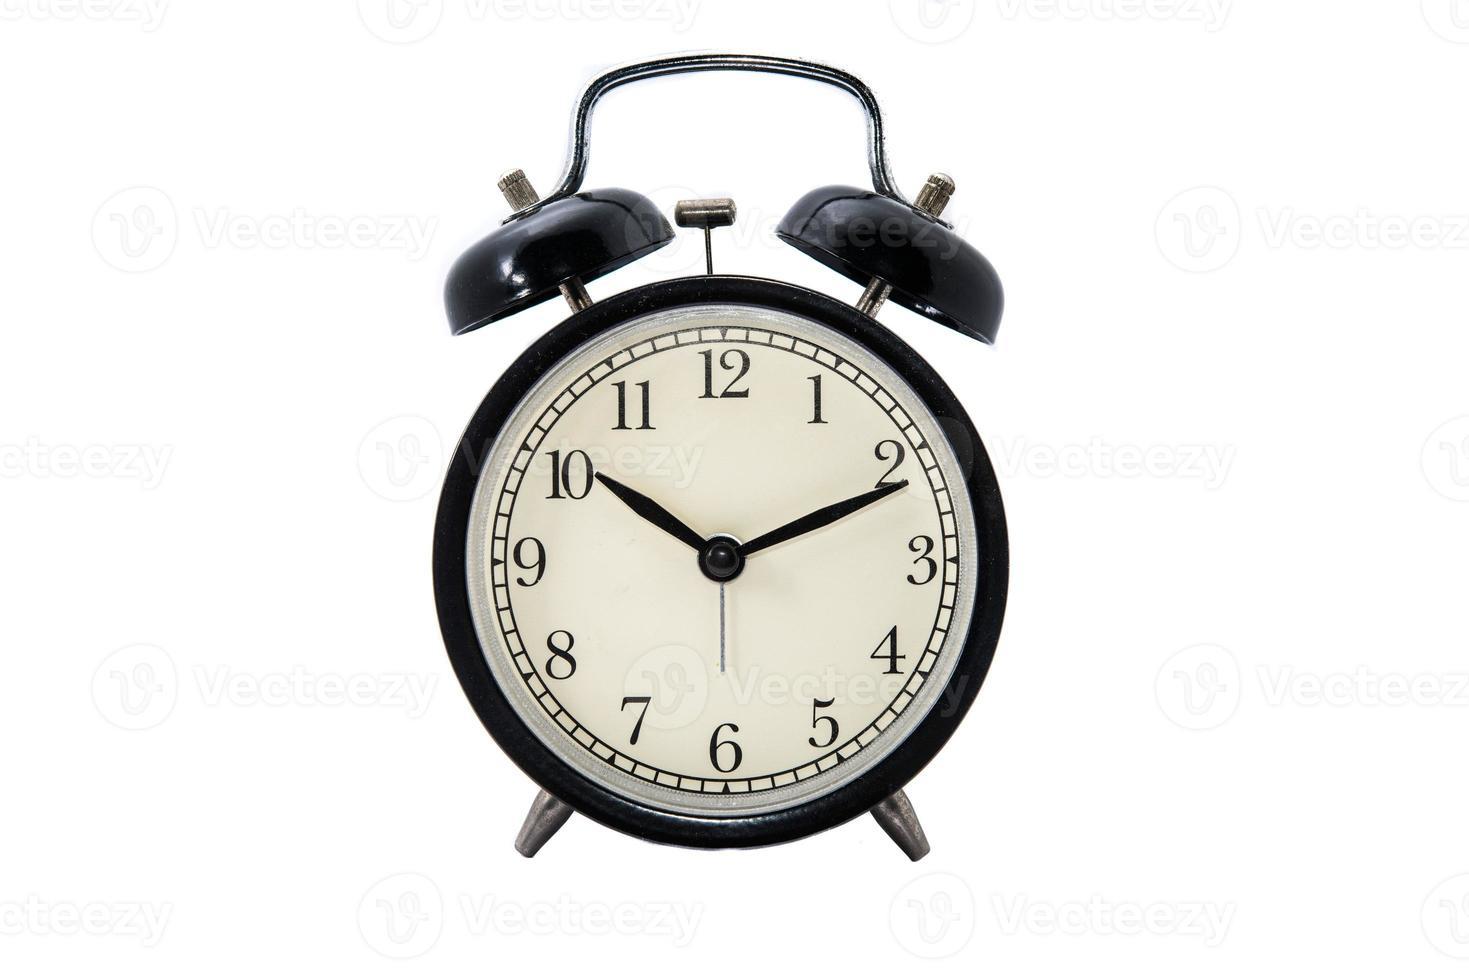 Uhr auf weißem Hintergrund foto